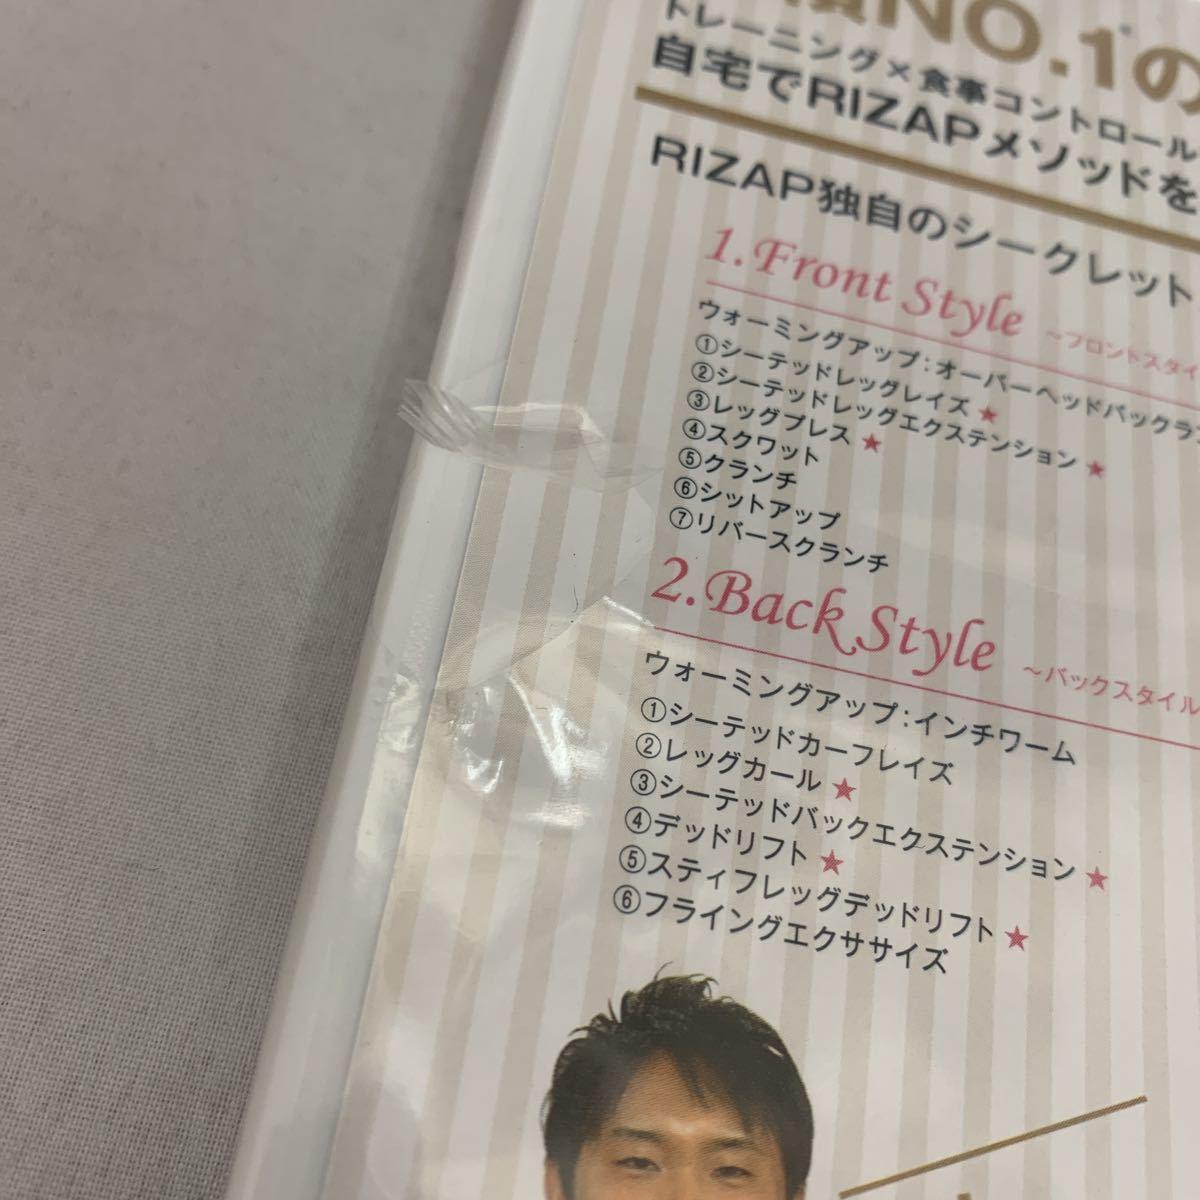 【DVD】RIZAP STYLE SECRET ライザップ スタイル シークレット 0714ts2_画像3